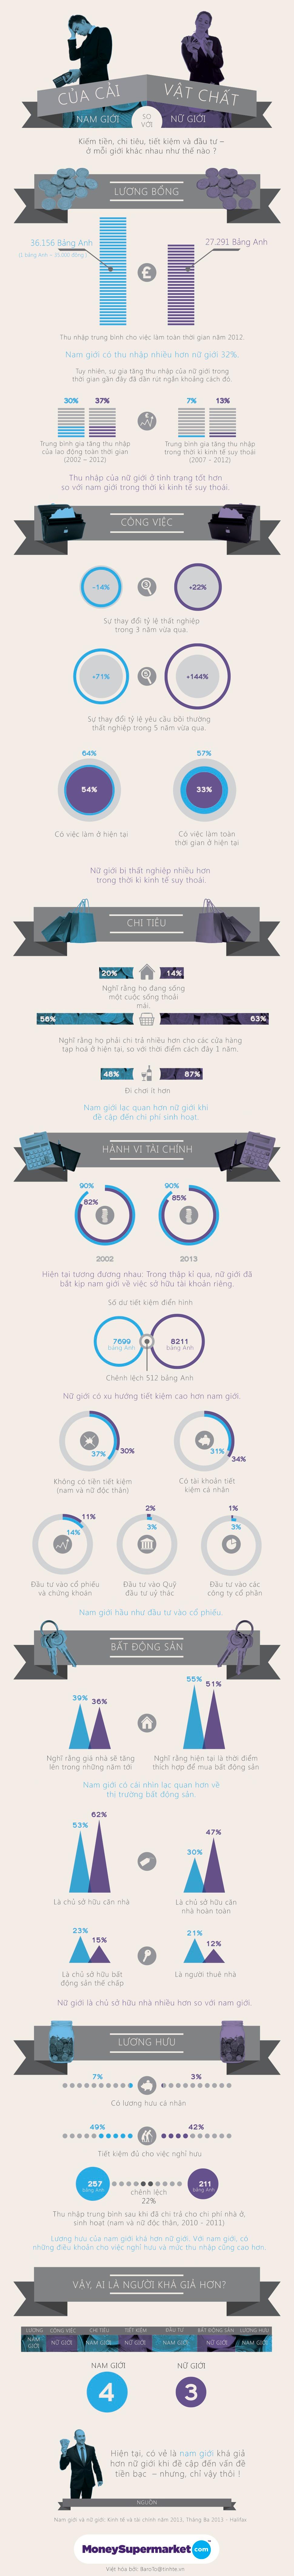 [INFOGRAPHIC] So sánh vui về tài chính giữa nam và nữ